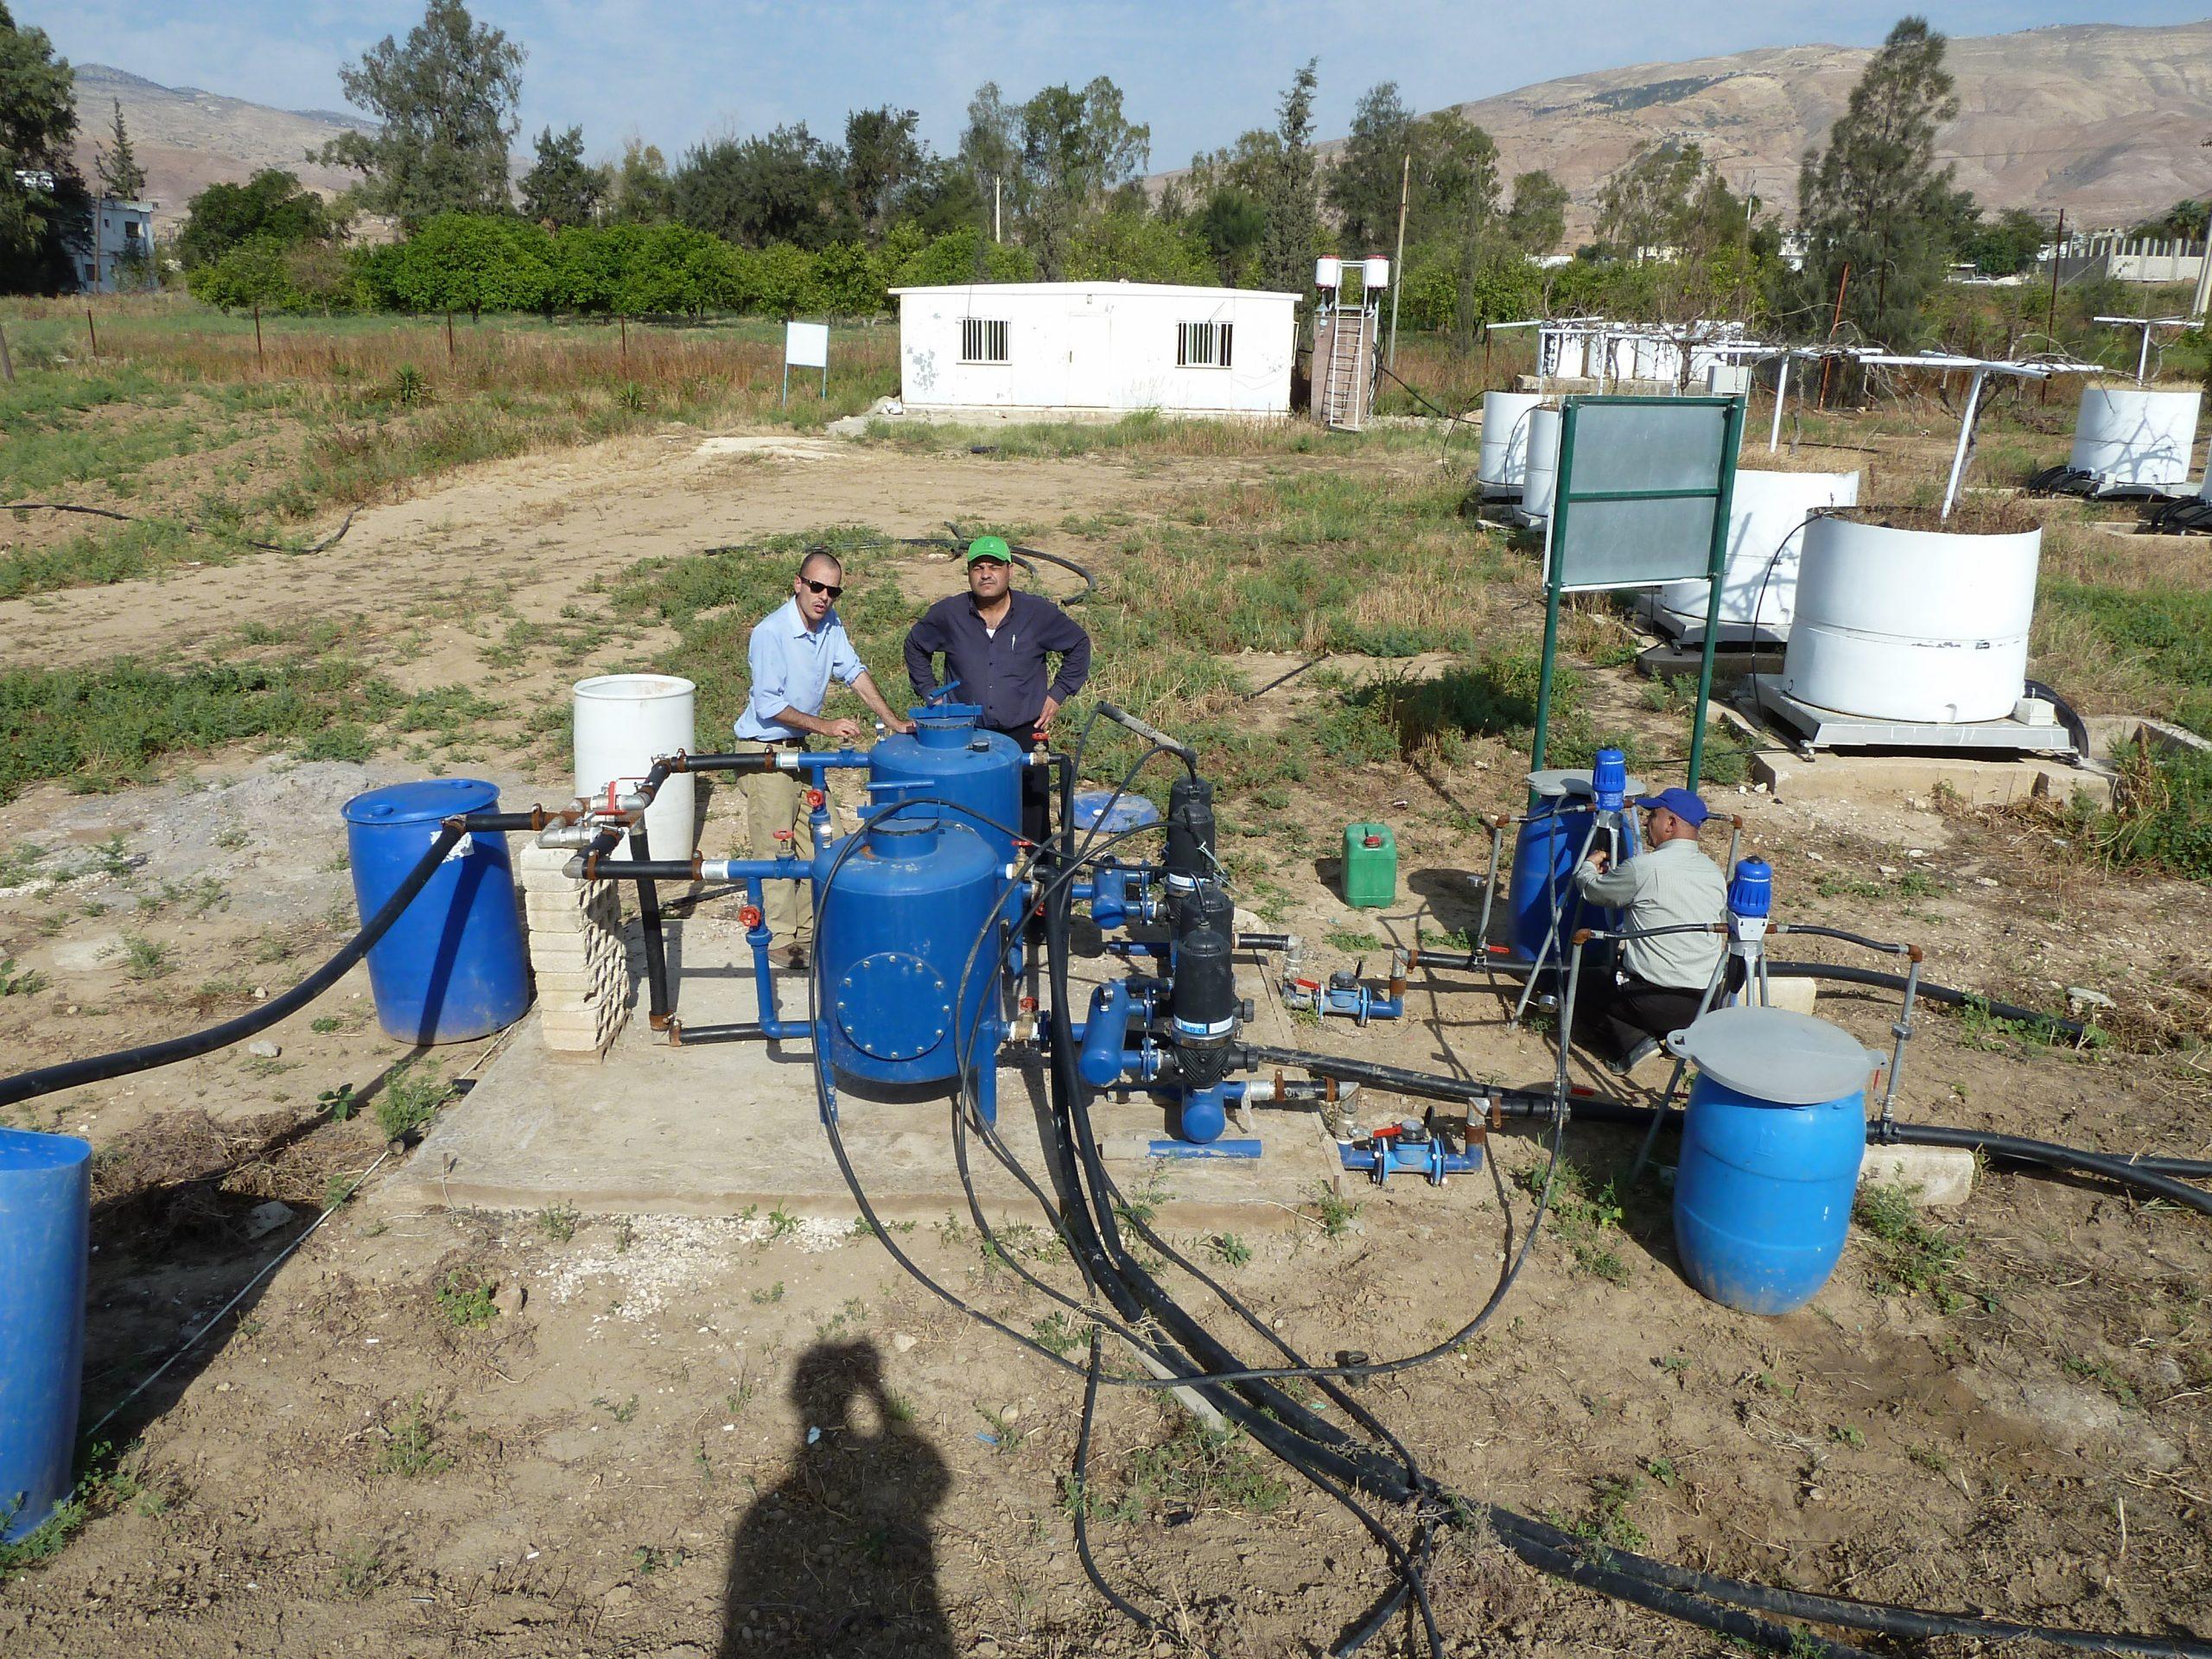 2-panoramica-dell-impianto-di-irrigazione-pilota-stazione-ncare-di-deir-alla